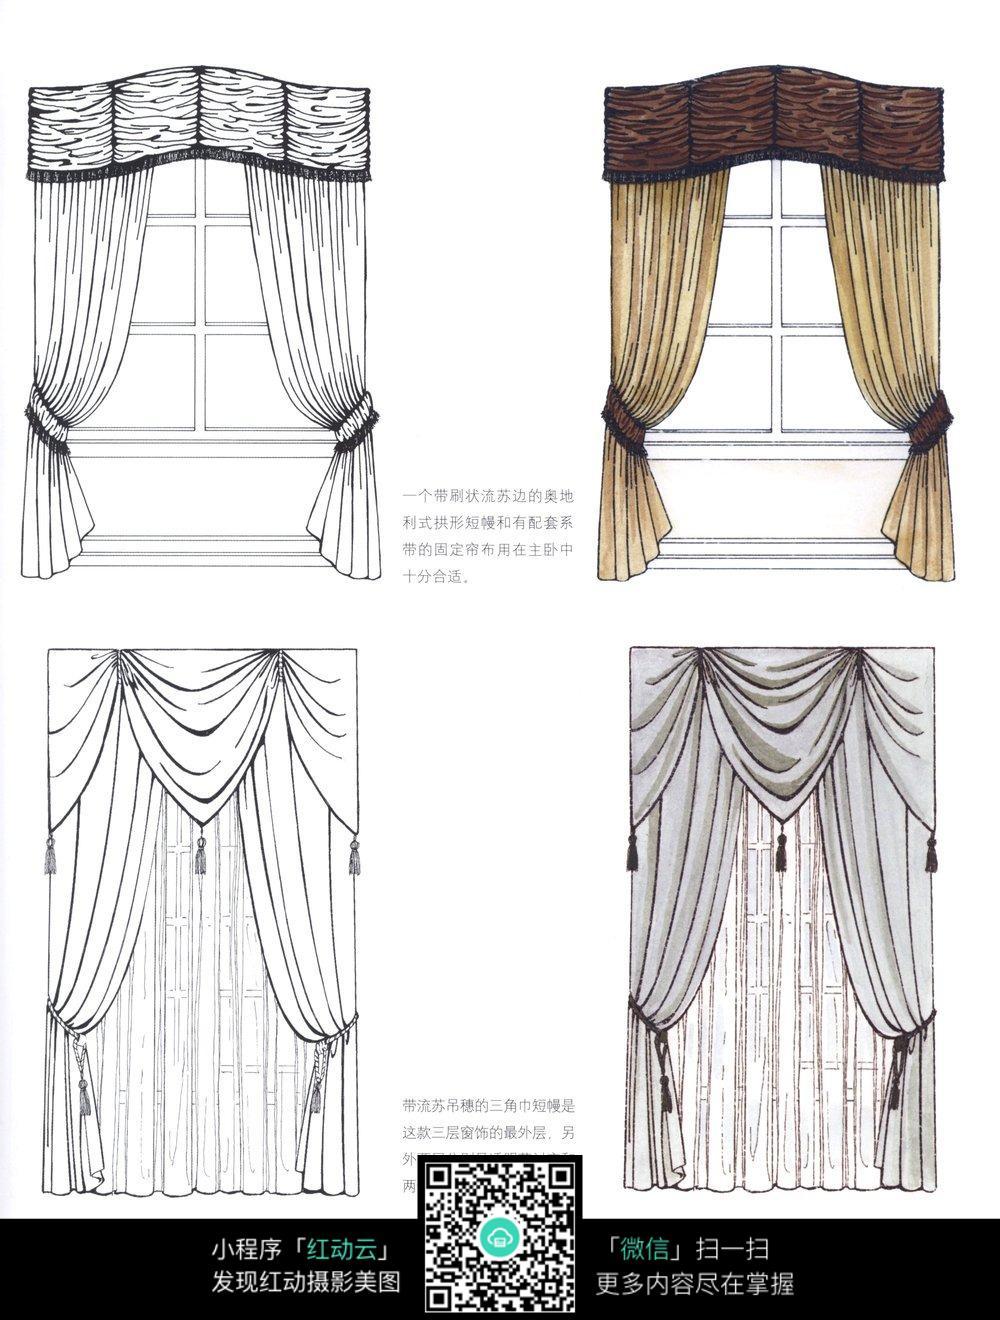 挽起的窗帘手绘填色线描图图片